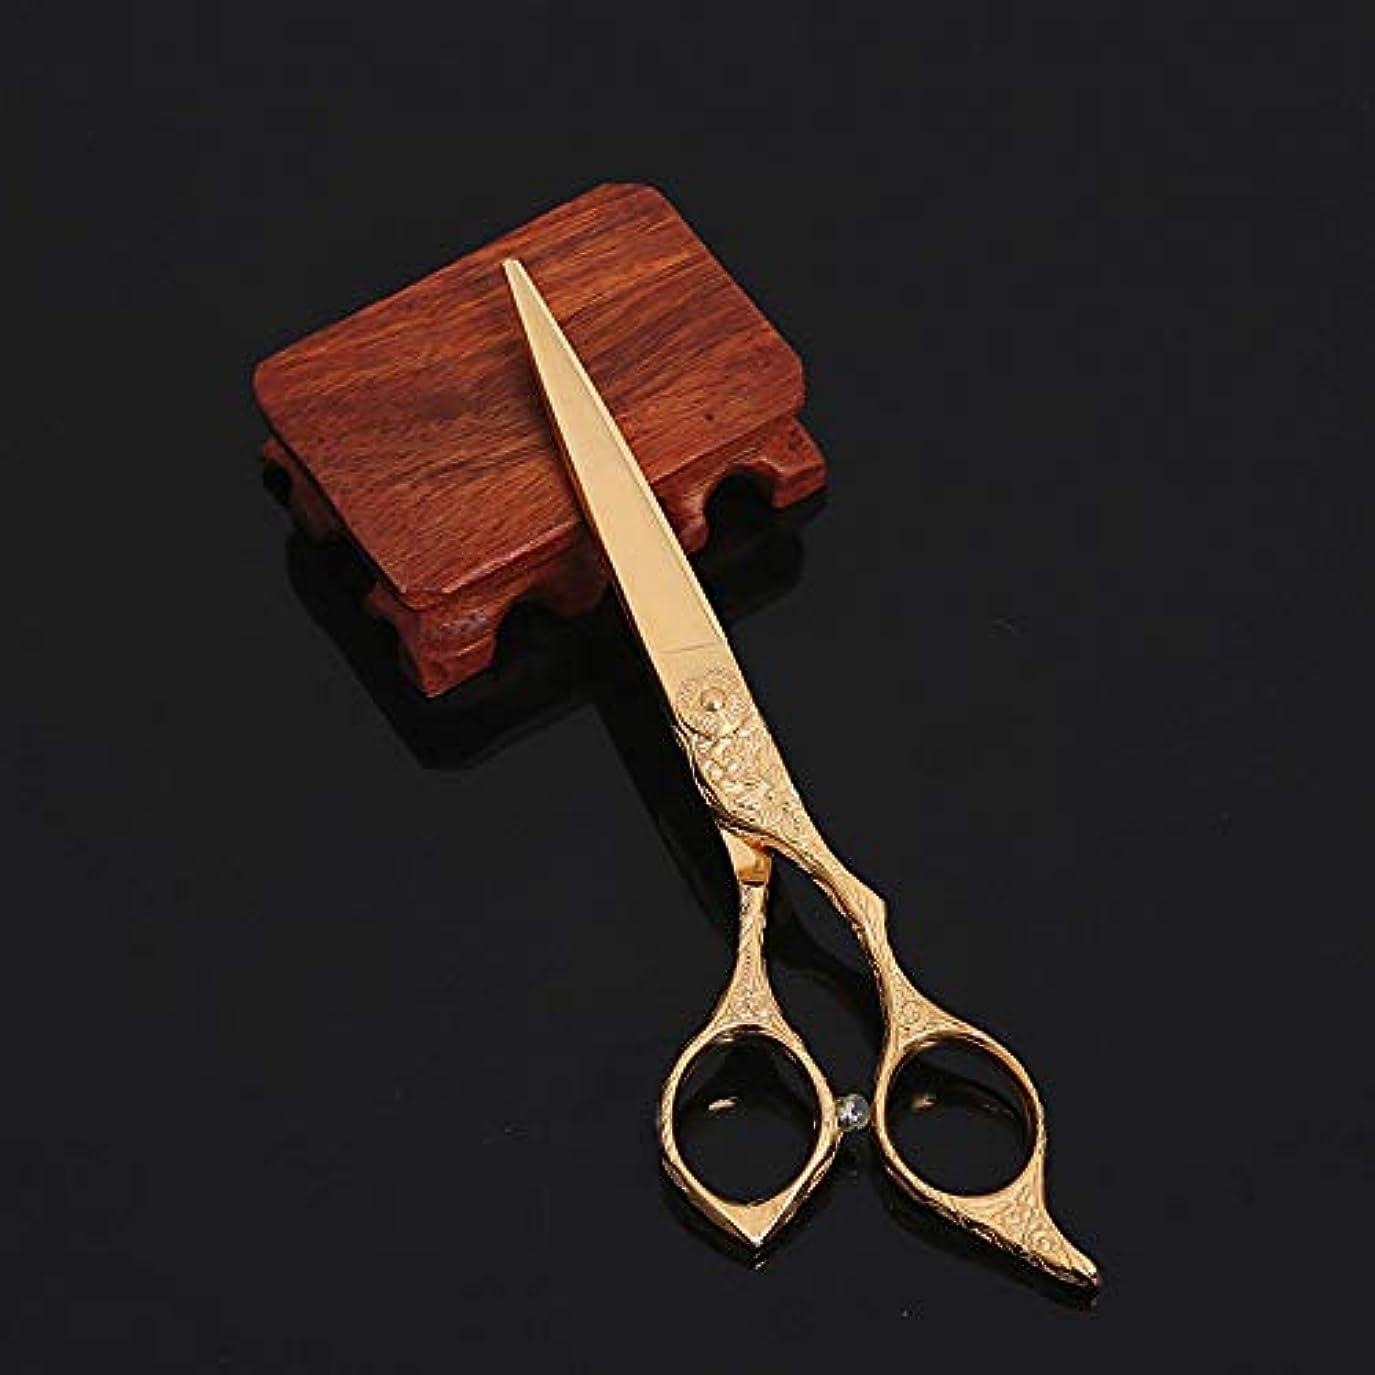 ブラウズ終了するカエル理髪用はさみ 6インチゴールド塗装ハイエンド理髪はさみ、プロの美容院はさみヘアカットはさみステンレス理髪はさみ (色 : ゴールド)